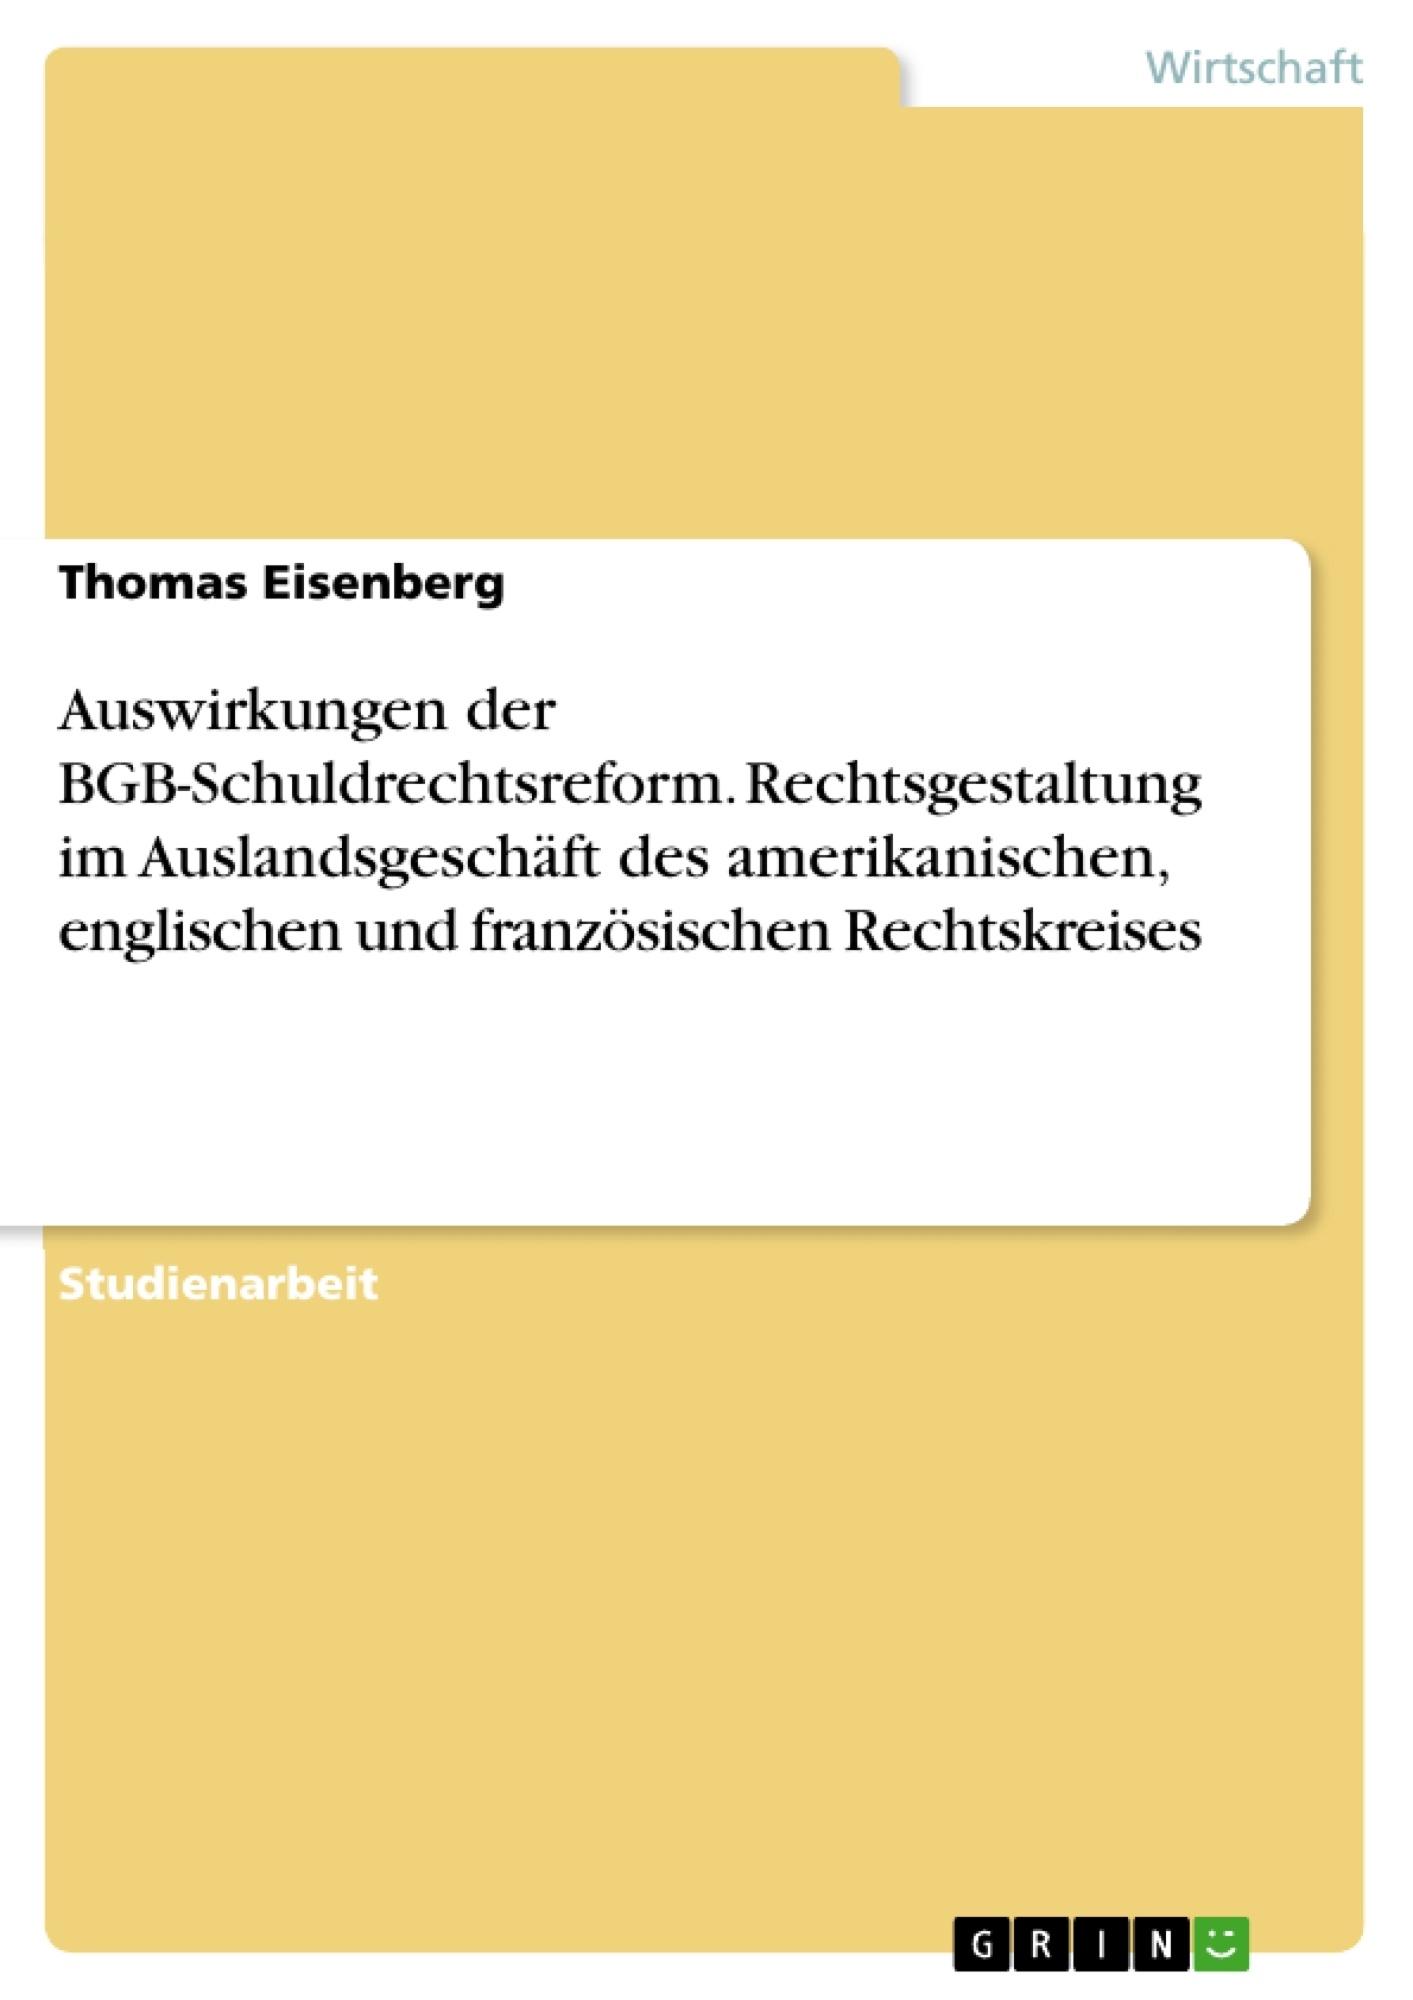 Titel: Auswirkungen der BGB-Schuldrechtsreform. Rechtsgestaltung im Auslandsgeschäft des amerikanischen, englischen und französischen Rechtskreises